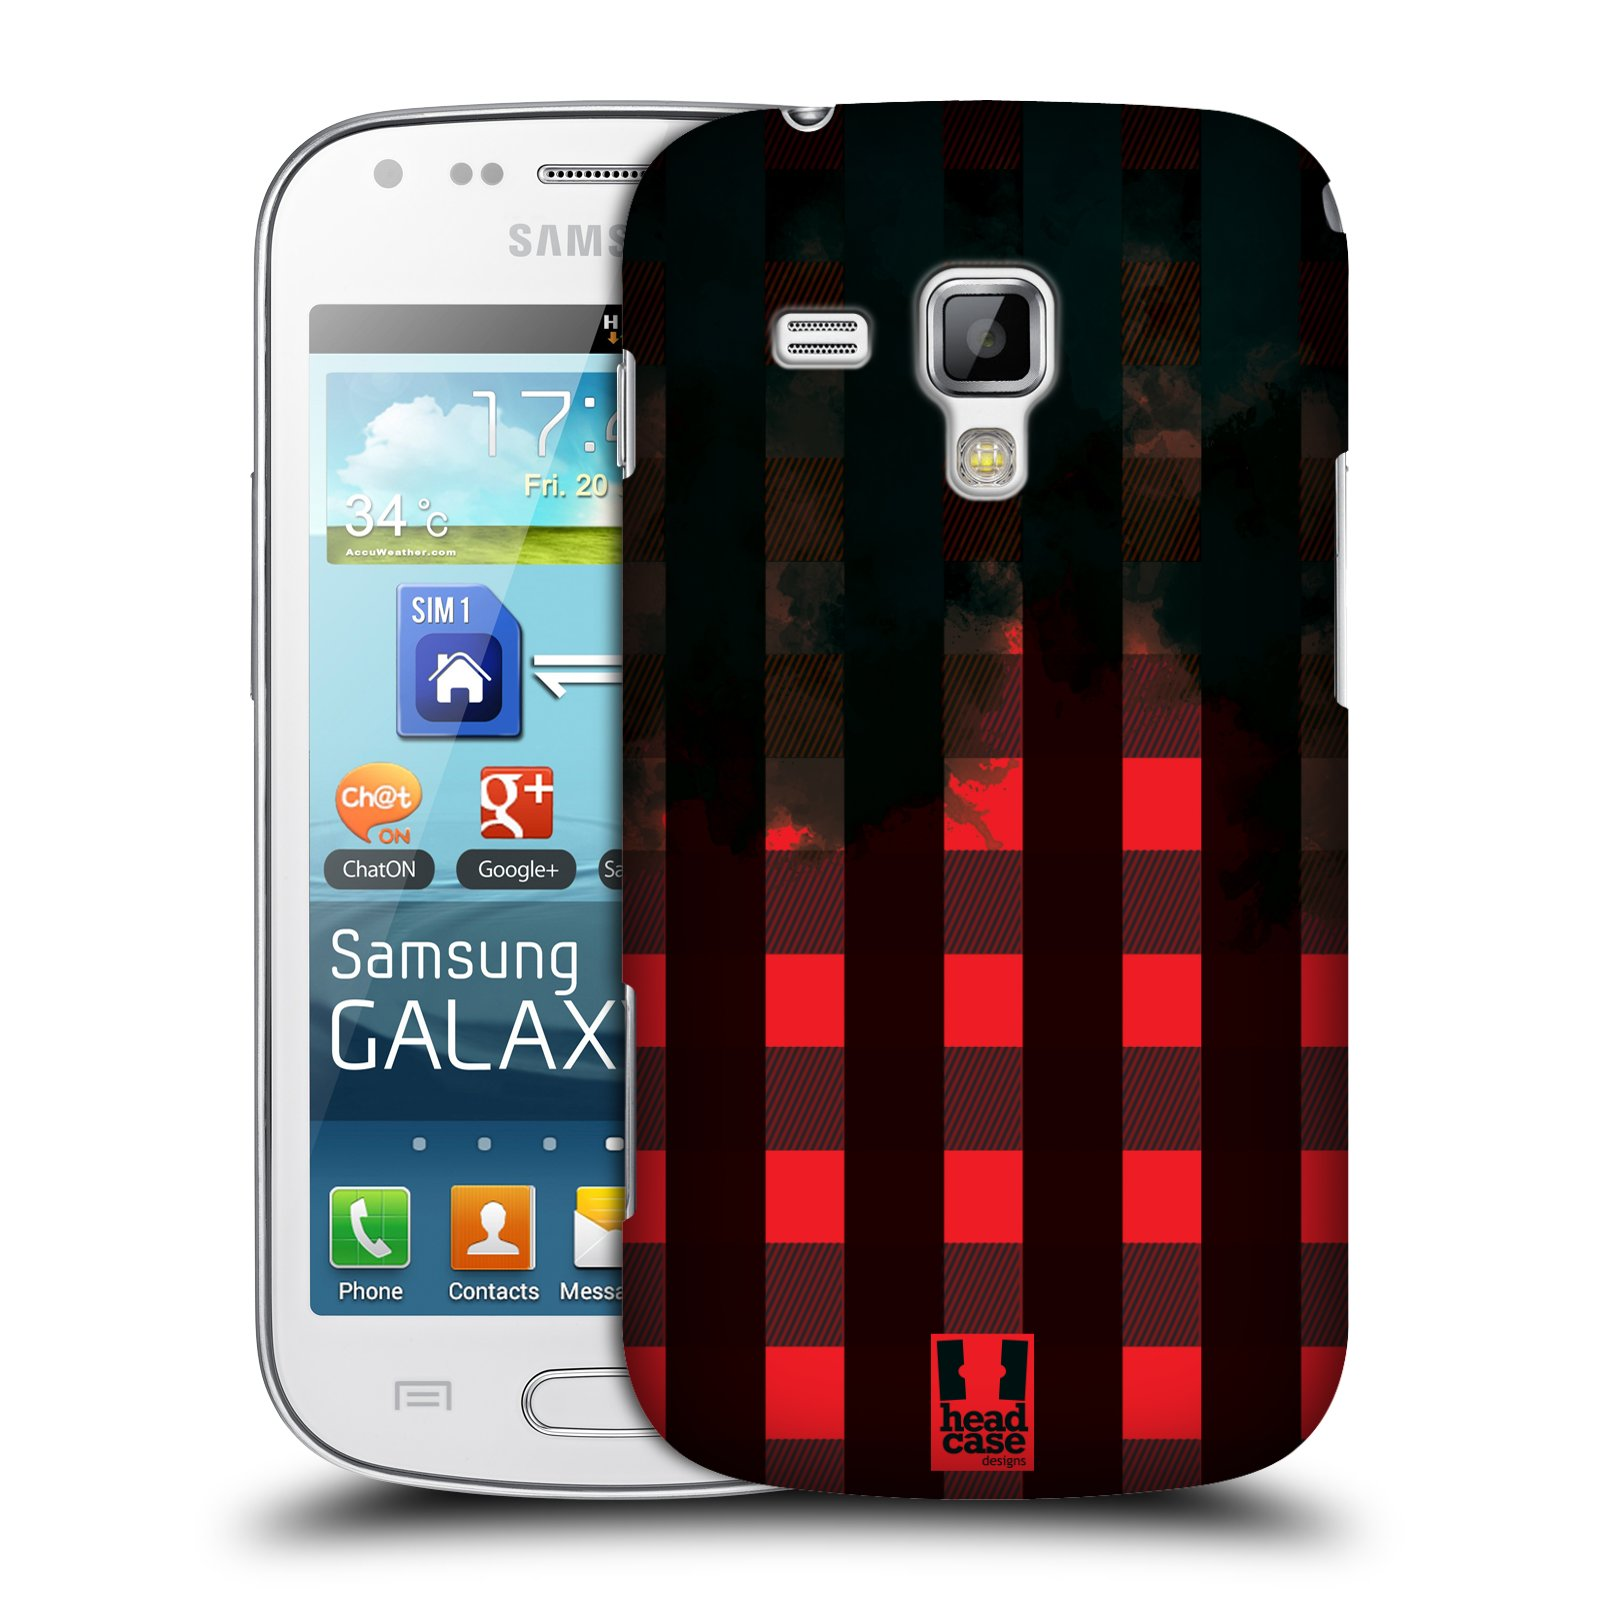 Plastové pouzdro na mobil Samsung Galaxy Trend HEAD CASE FLANEL RED BLACK (Kryt či obal na mobilní telefon Samsung Galaxy Trend GT-S7560)